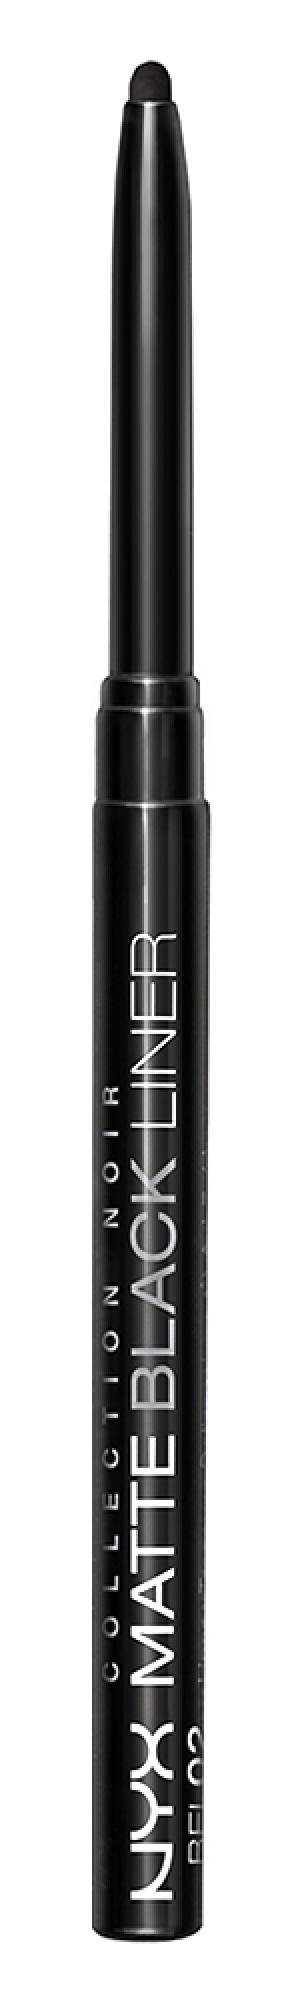 Карандаш для глаз NYX Professional Makeup BEL02 Noir. Цвет: bel02 noir